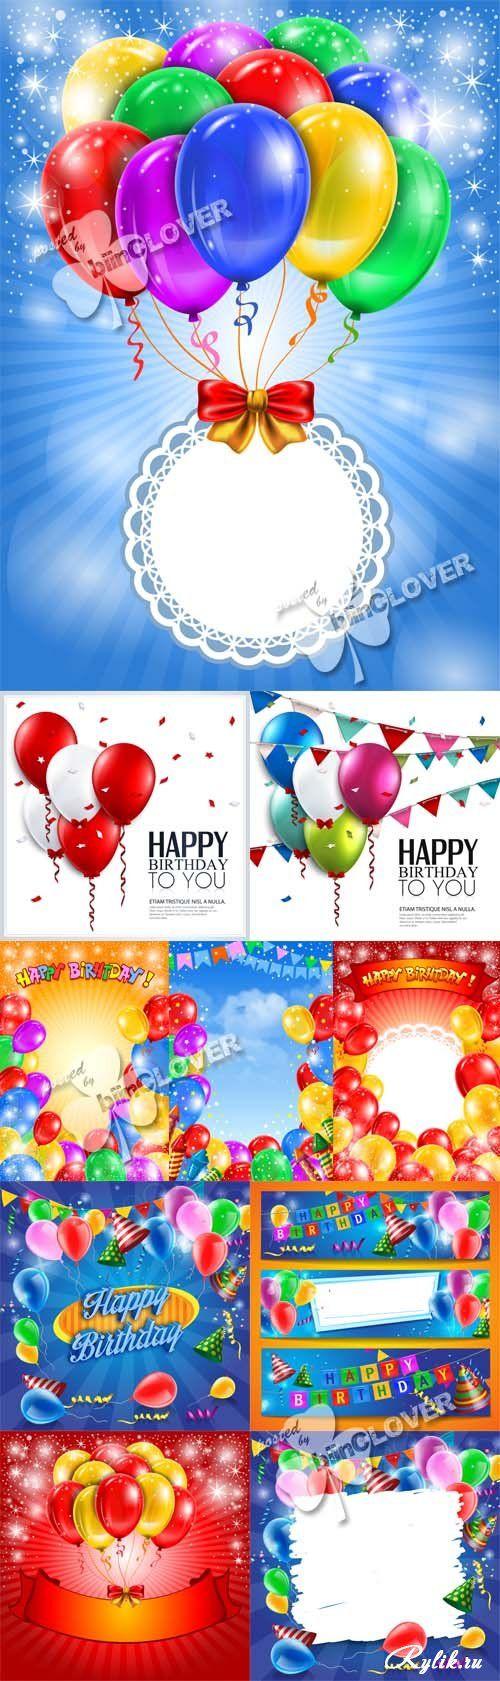 Праздничные фоны и баннеры на день рождения - воздушные шары и конфетти